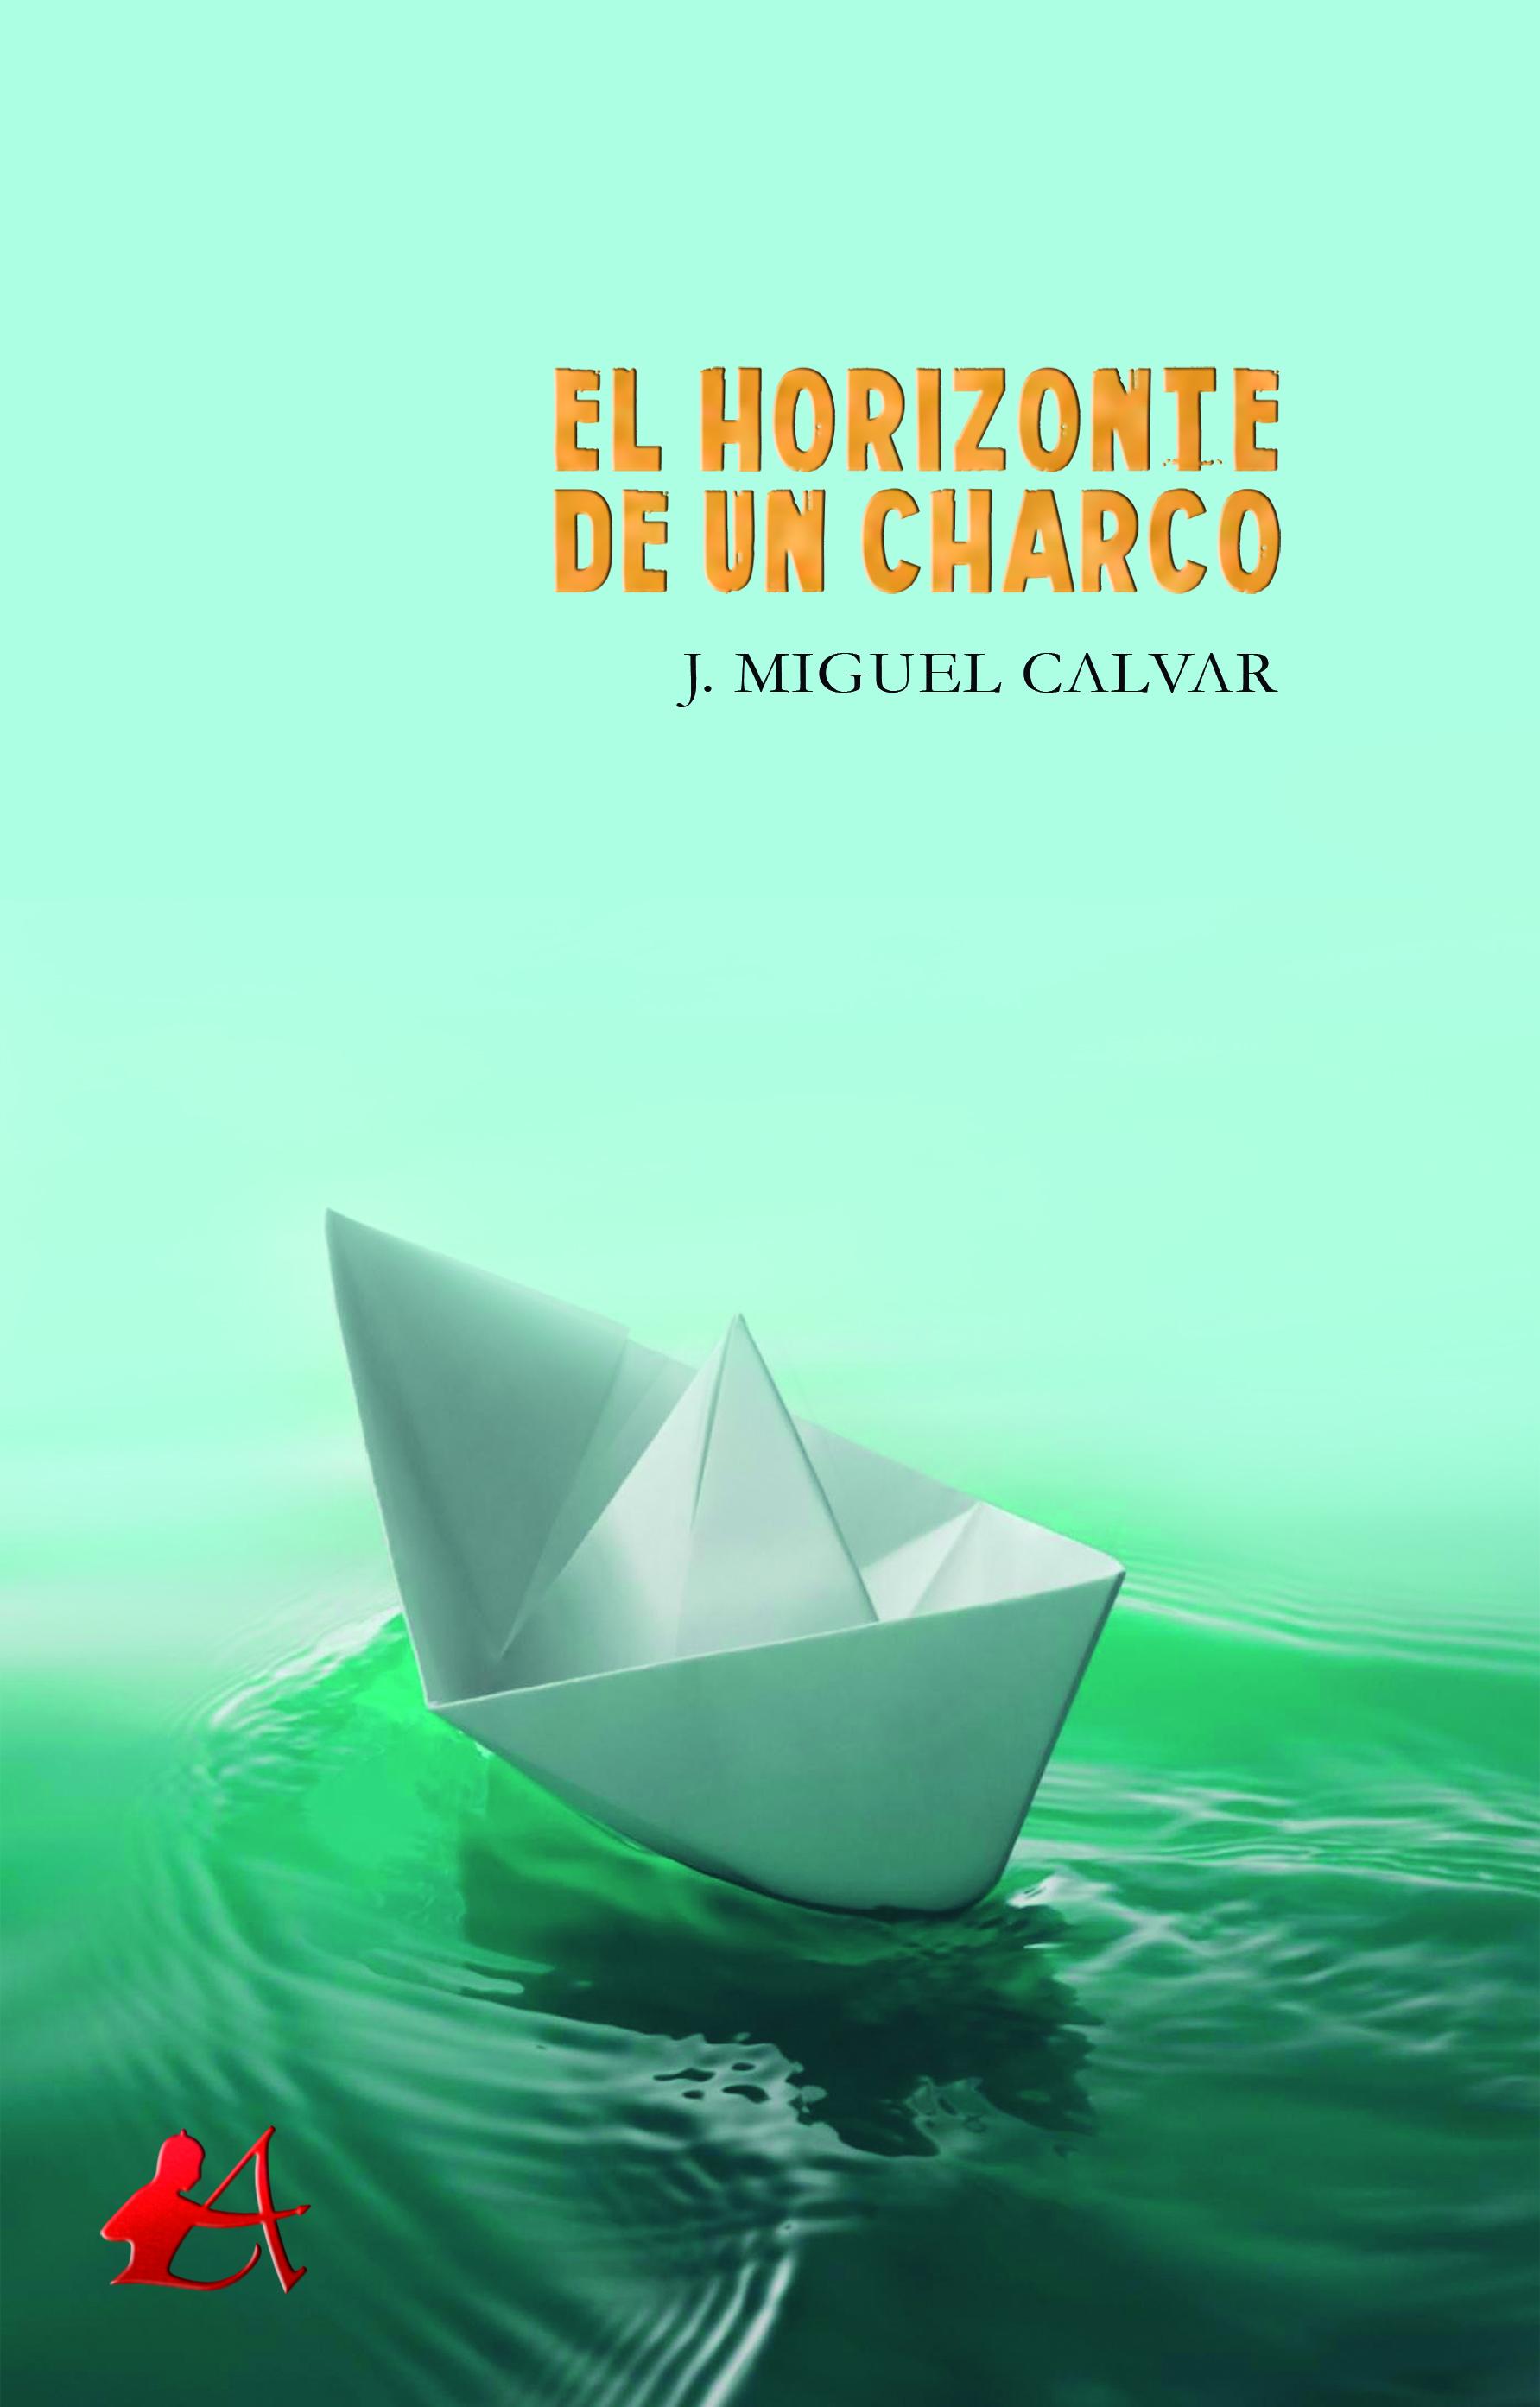 Portada del libro Al otro lado de un charco de JM Calvar. Editorial Adarve, Escritores de hoy